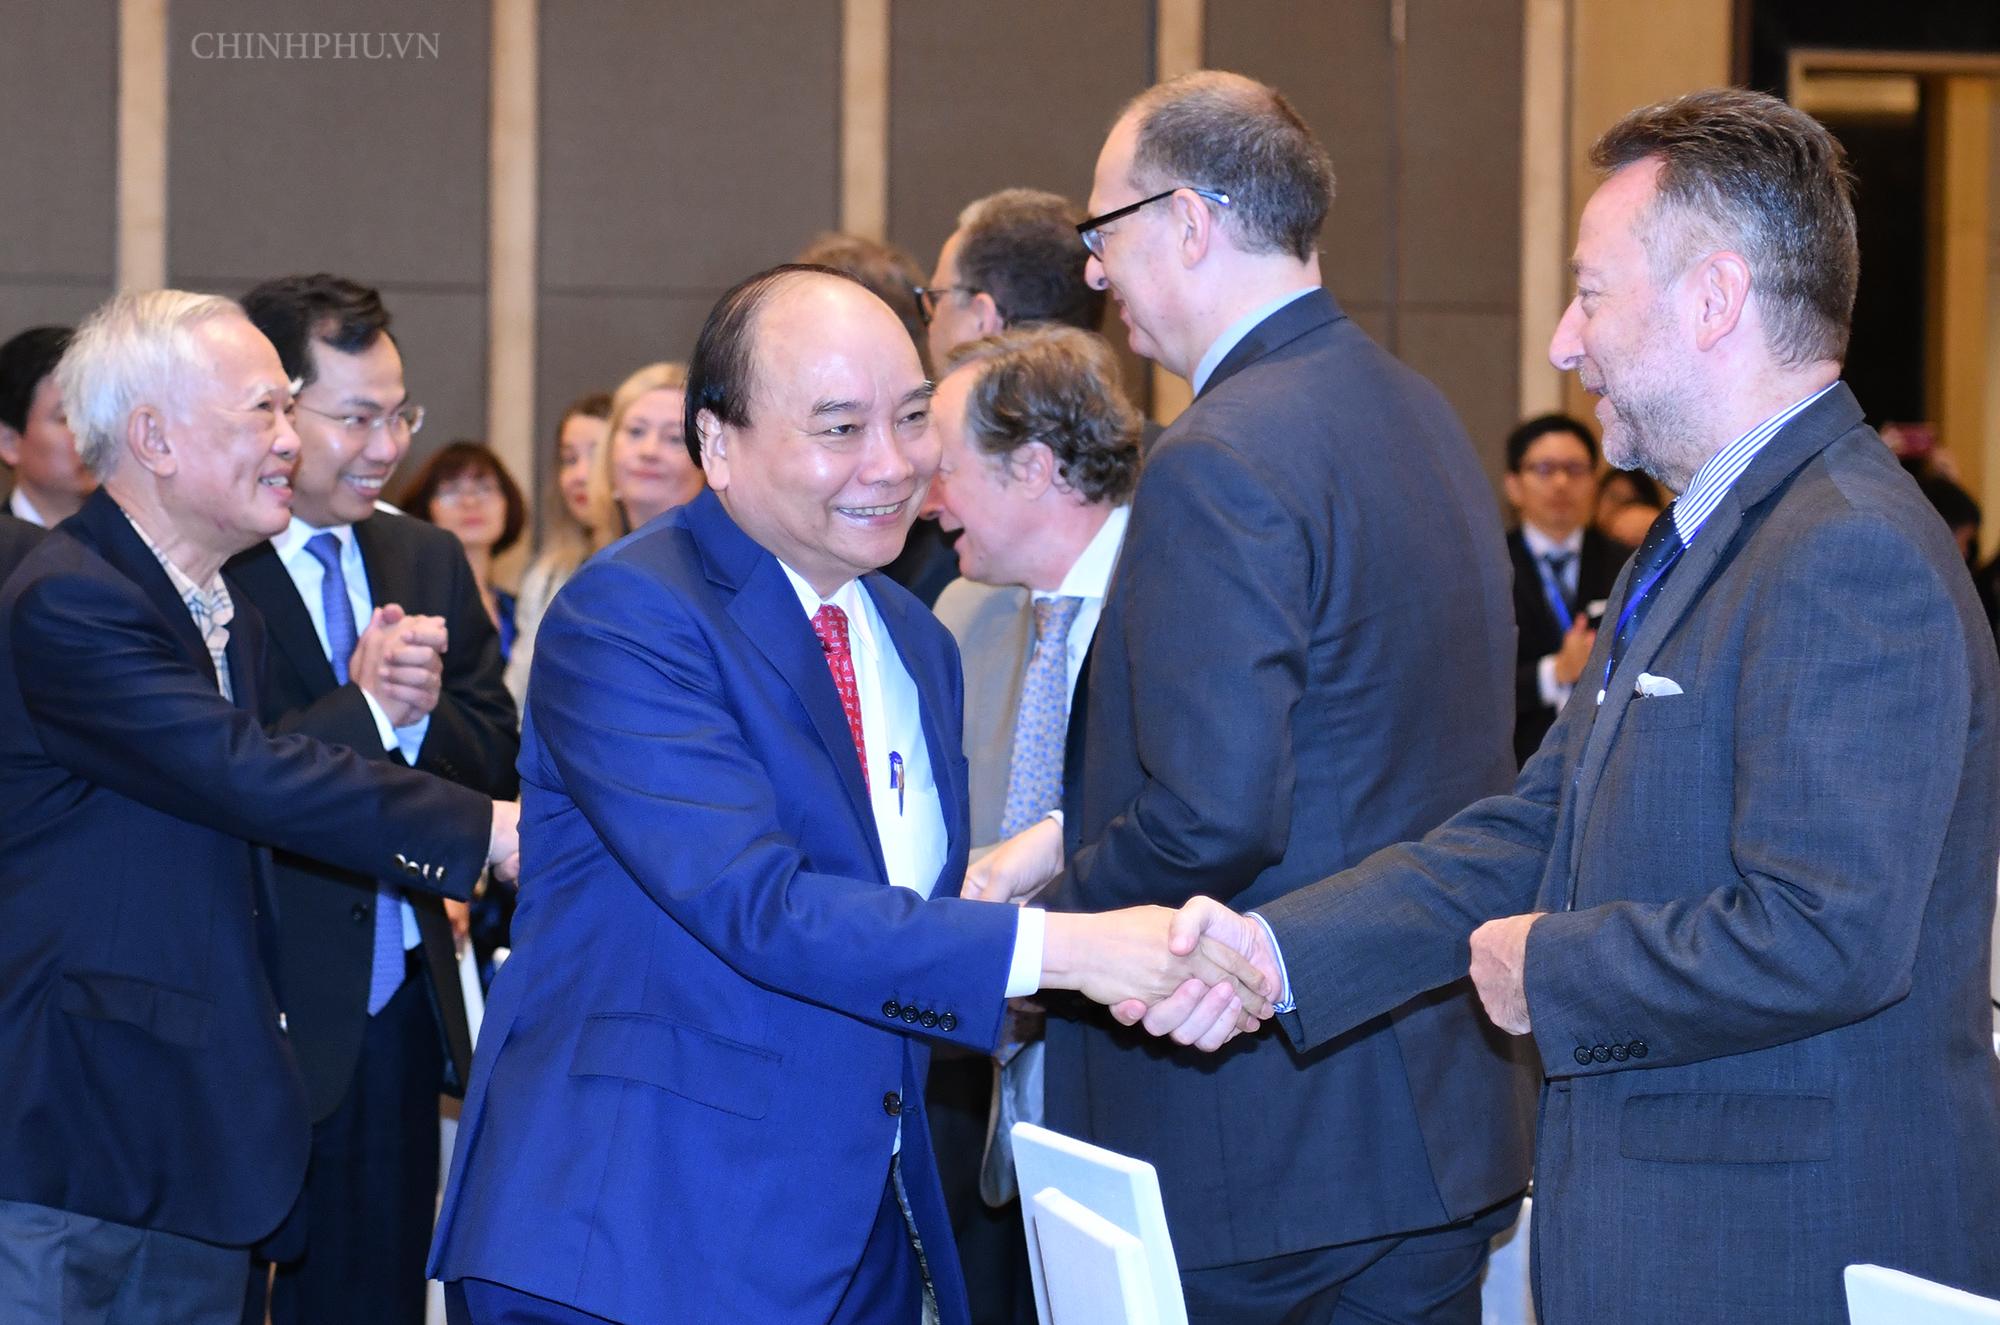 Thủ tướng chỉ ra 3 đột phá và 2 động lực cho kinh tế Việt Nam